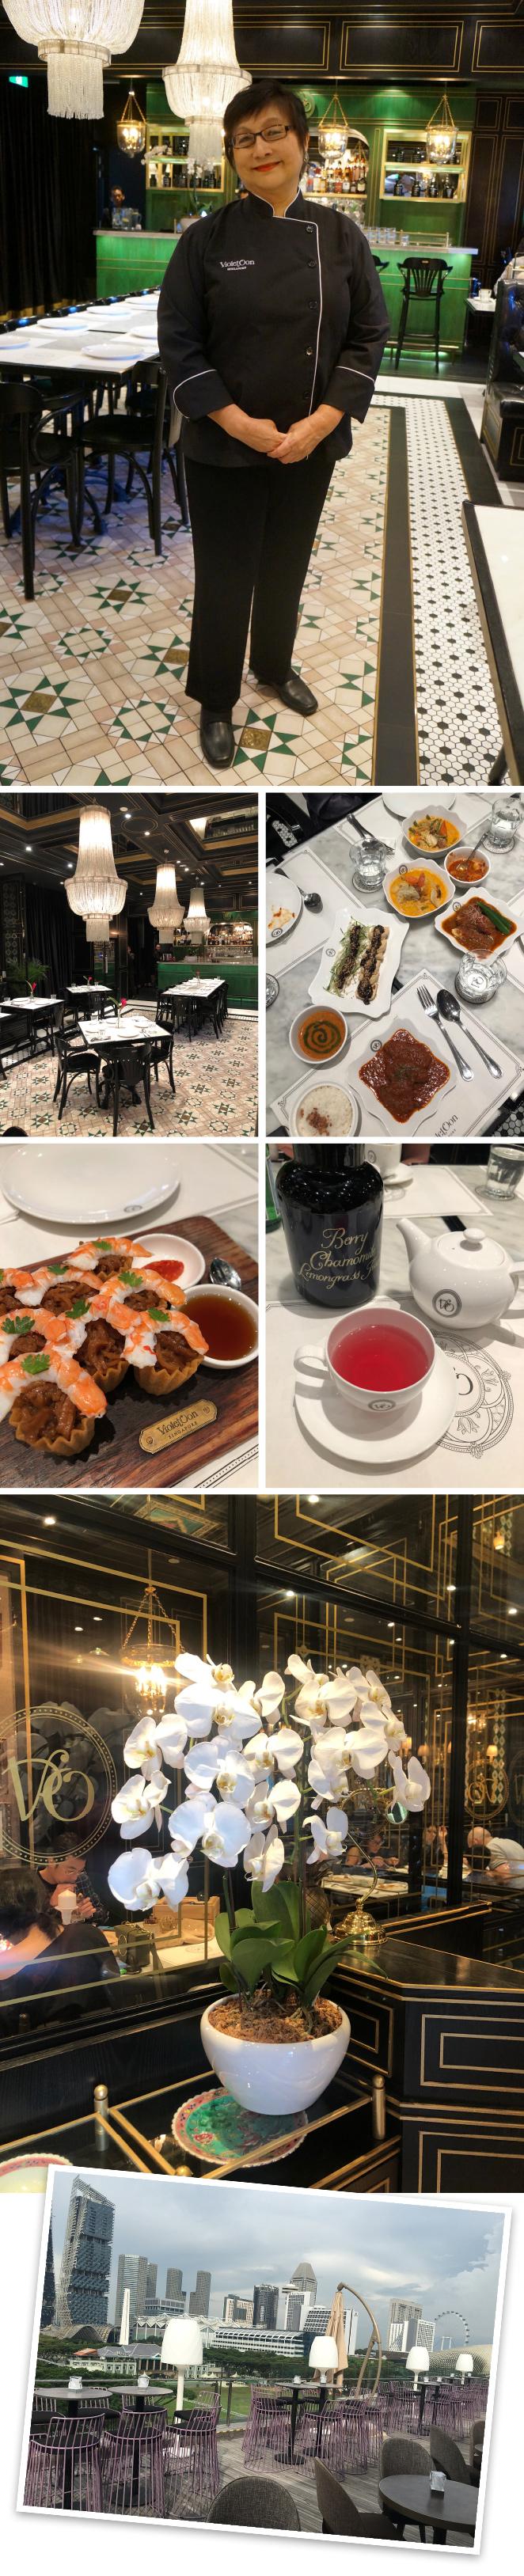 """Violet Oon. Ubicado en la Galería Nacional, este restaurante destaca no solo por su gran cocina típica de Singapur, también por su elegante decoración con estilo muy """"Art Decó"""". Su propietaria es además de Chef una reconocida crítica gastronómica que ha escrito muchísimos libros de cocina."""